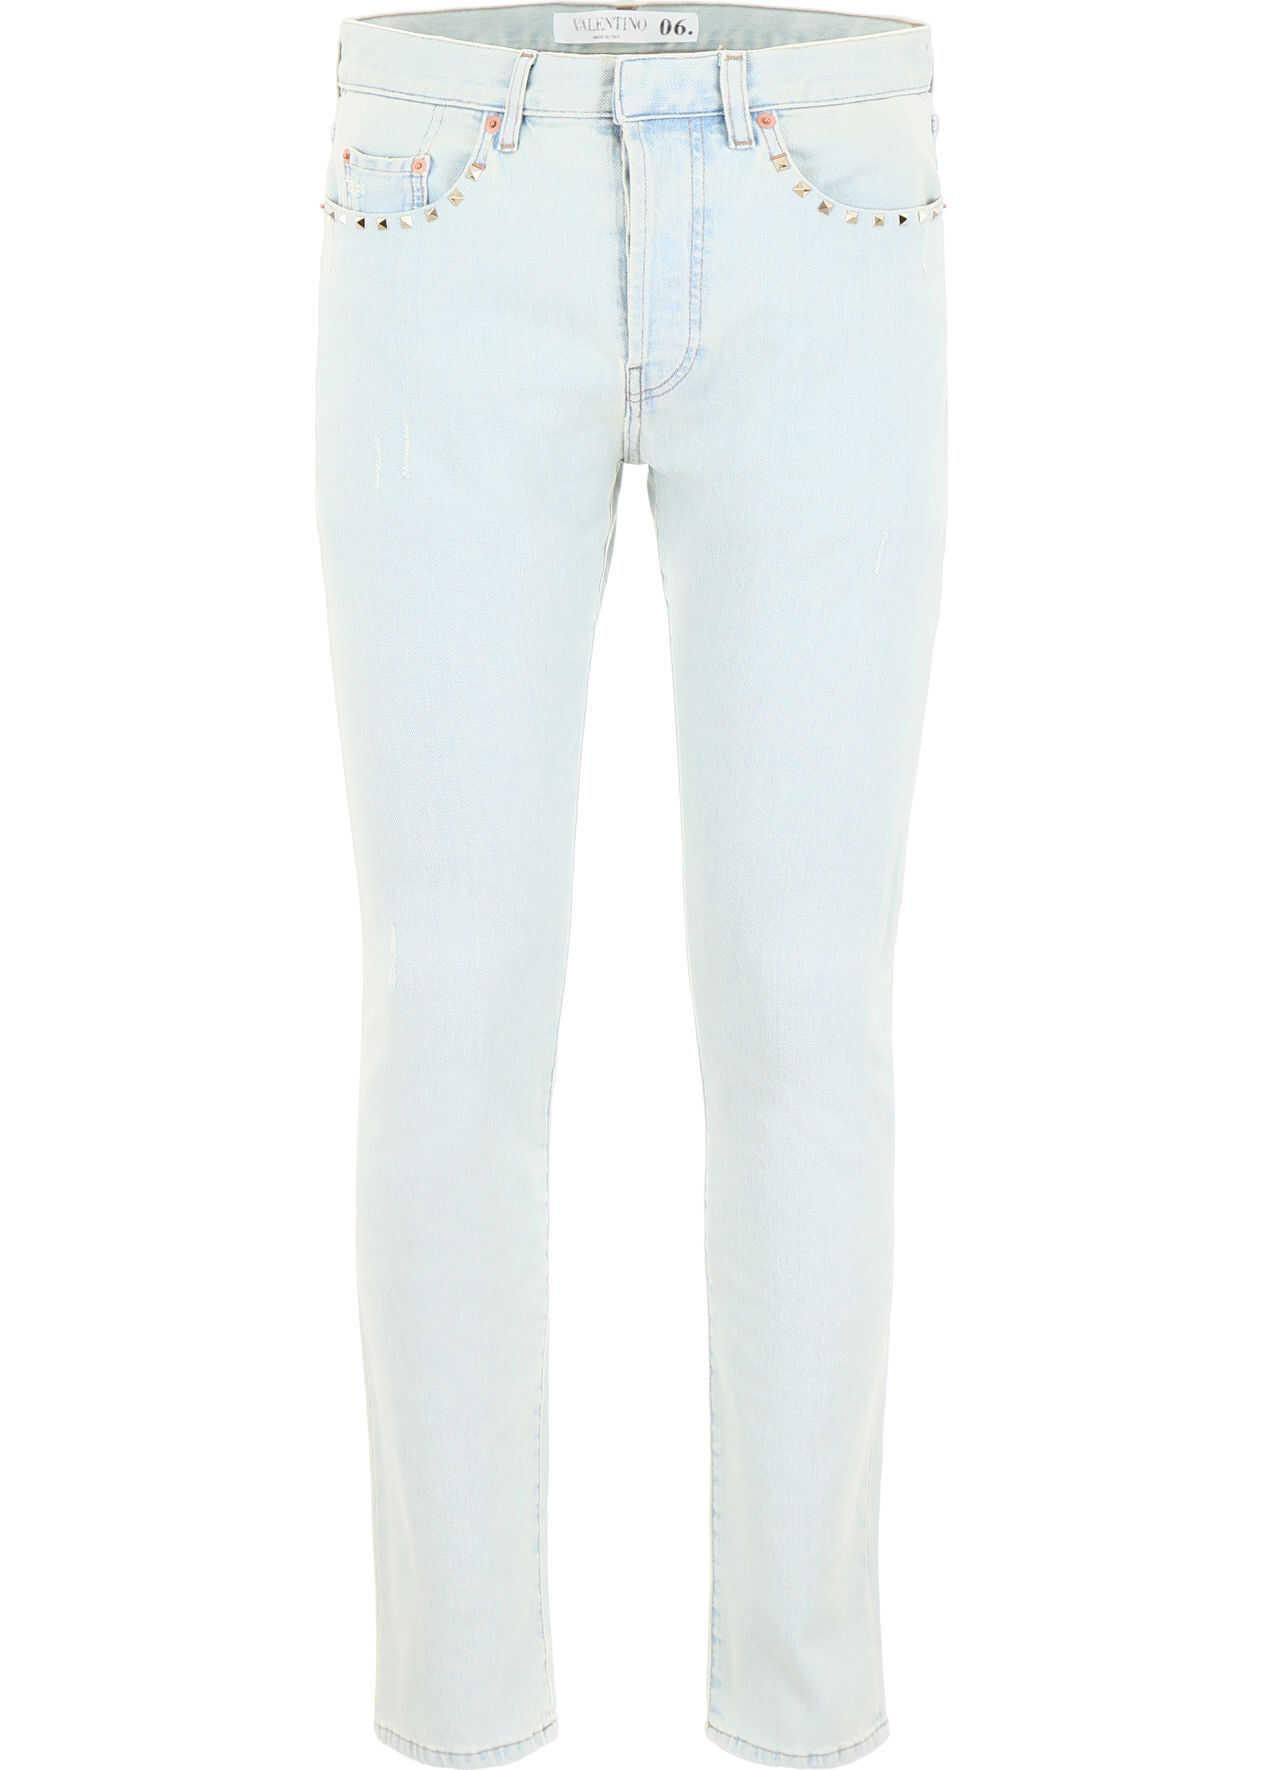 Rockstud Untitled Jeans